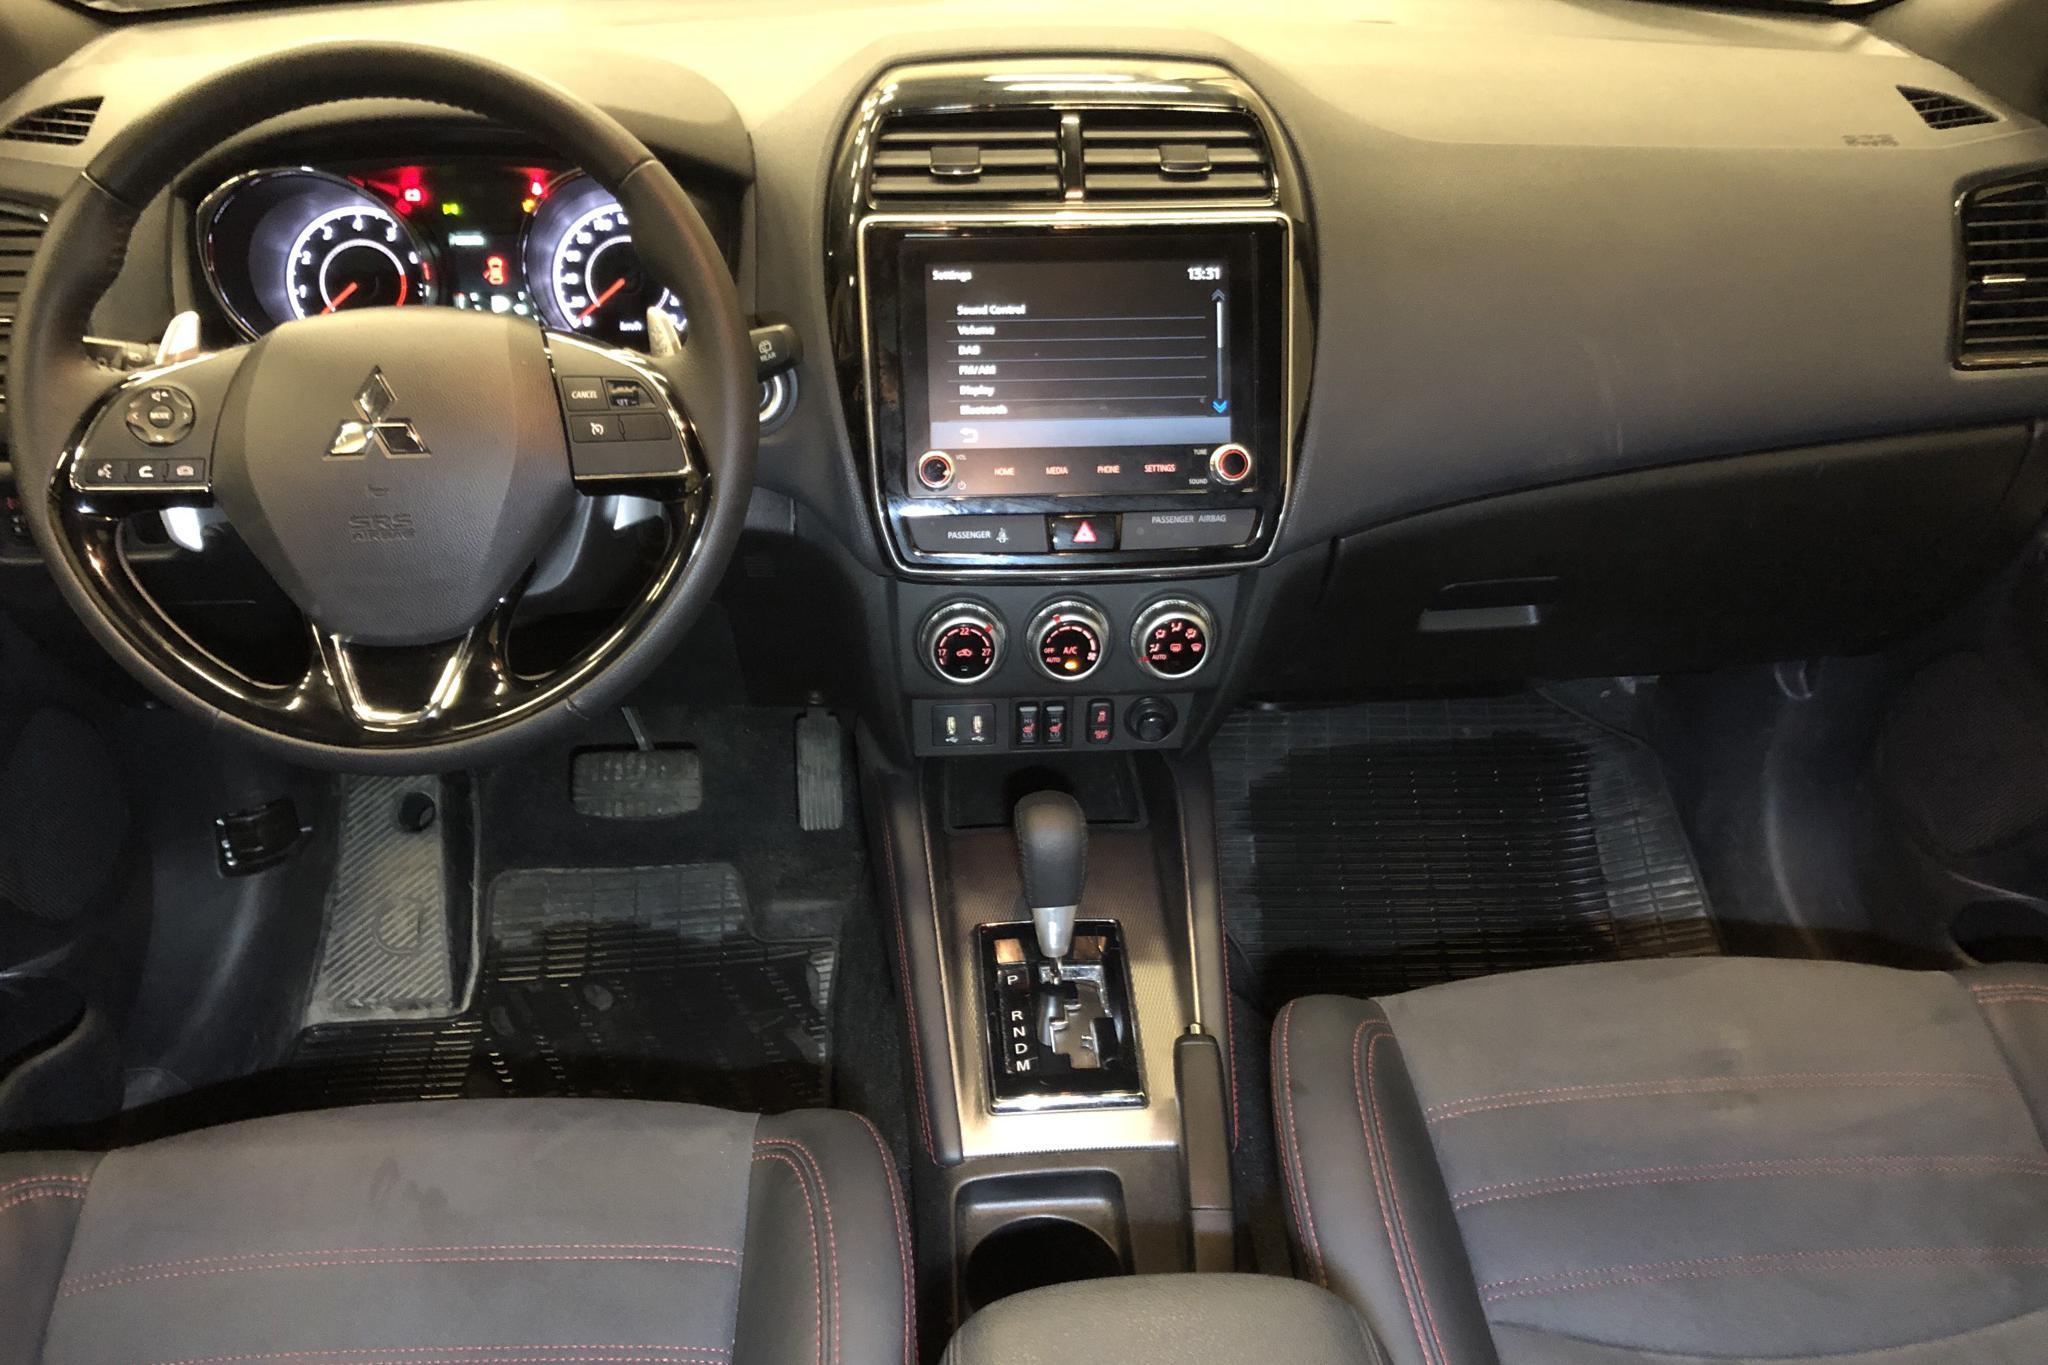 Mitsubishi ASX 2.0 4WD (150hk) - 33 560 km - Automatic - gray - 2020